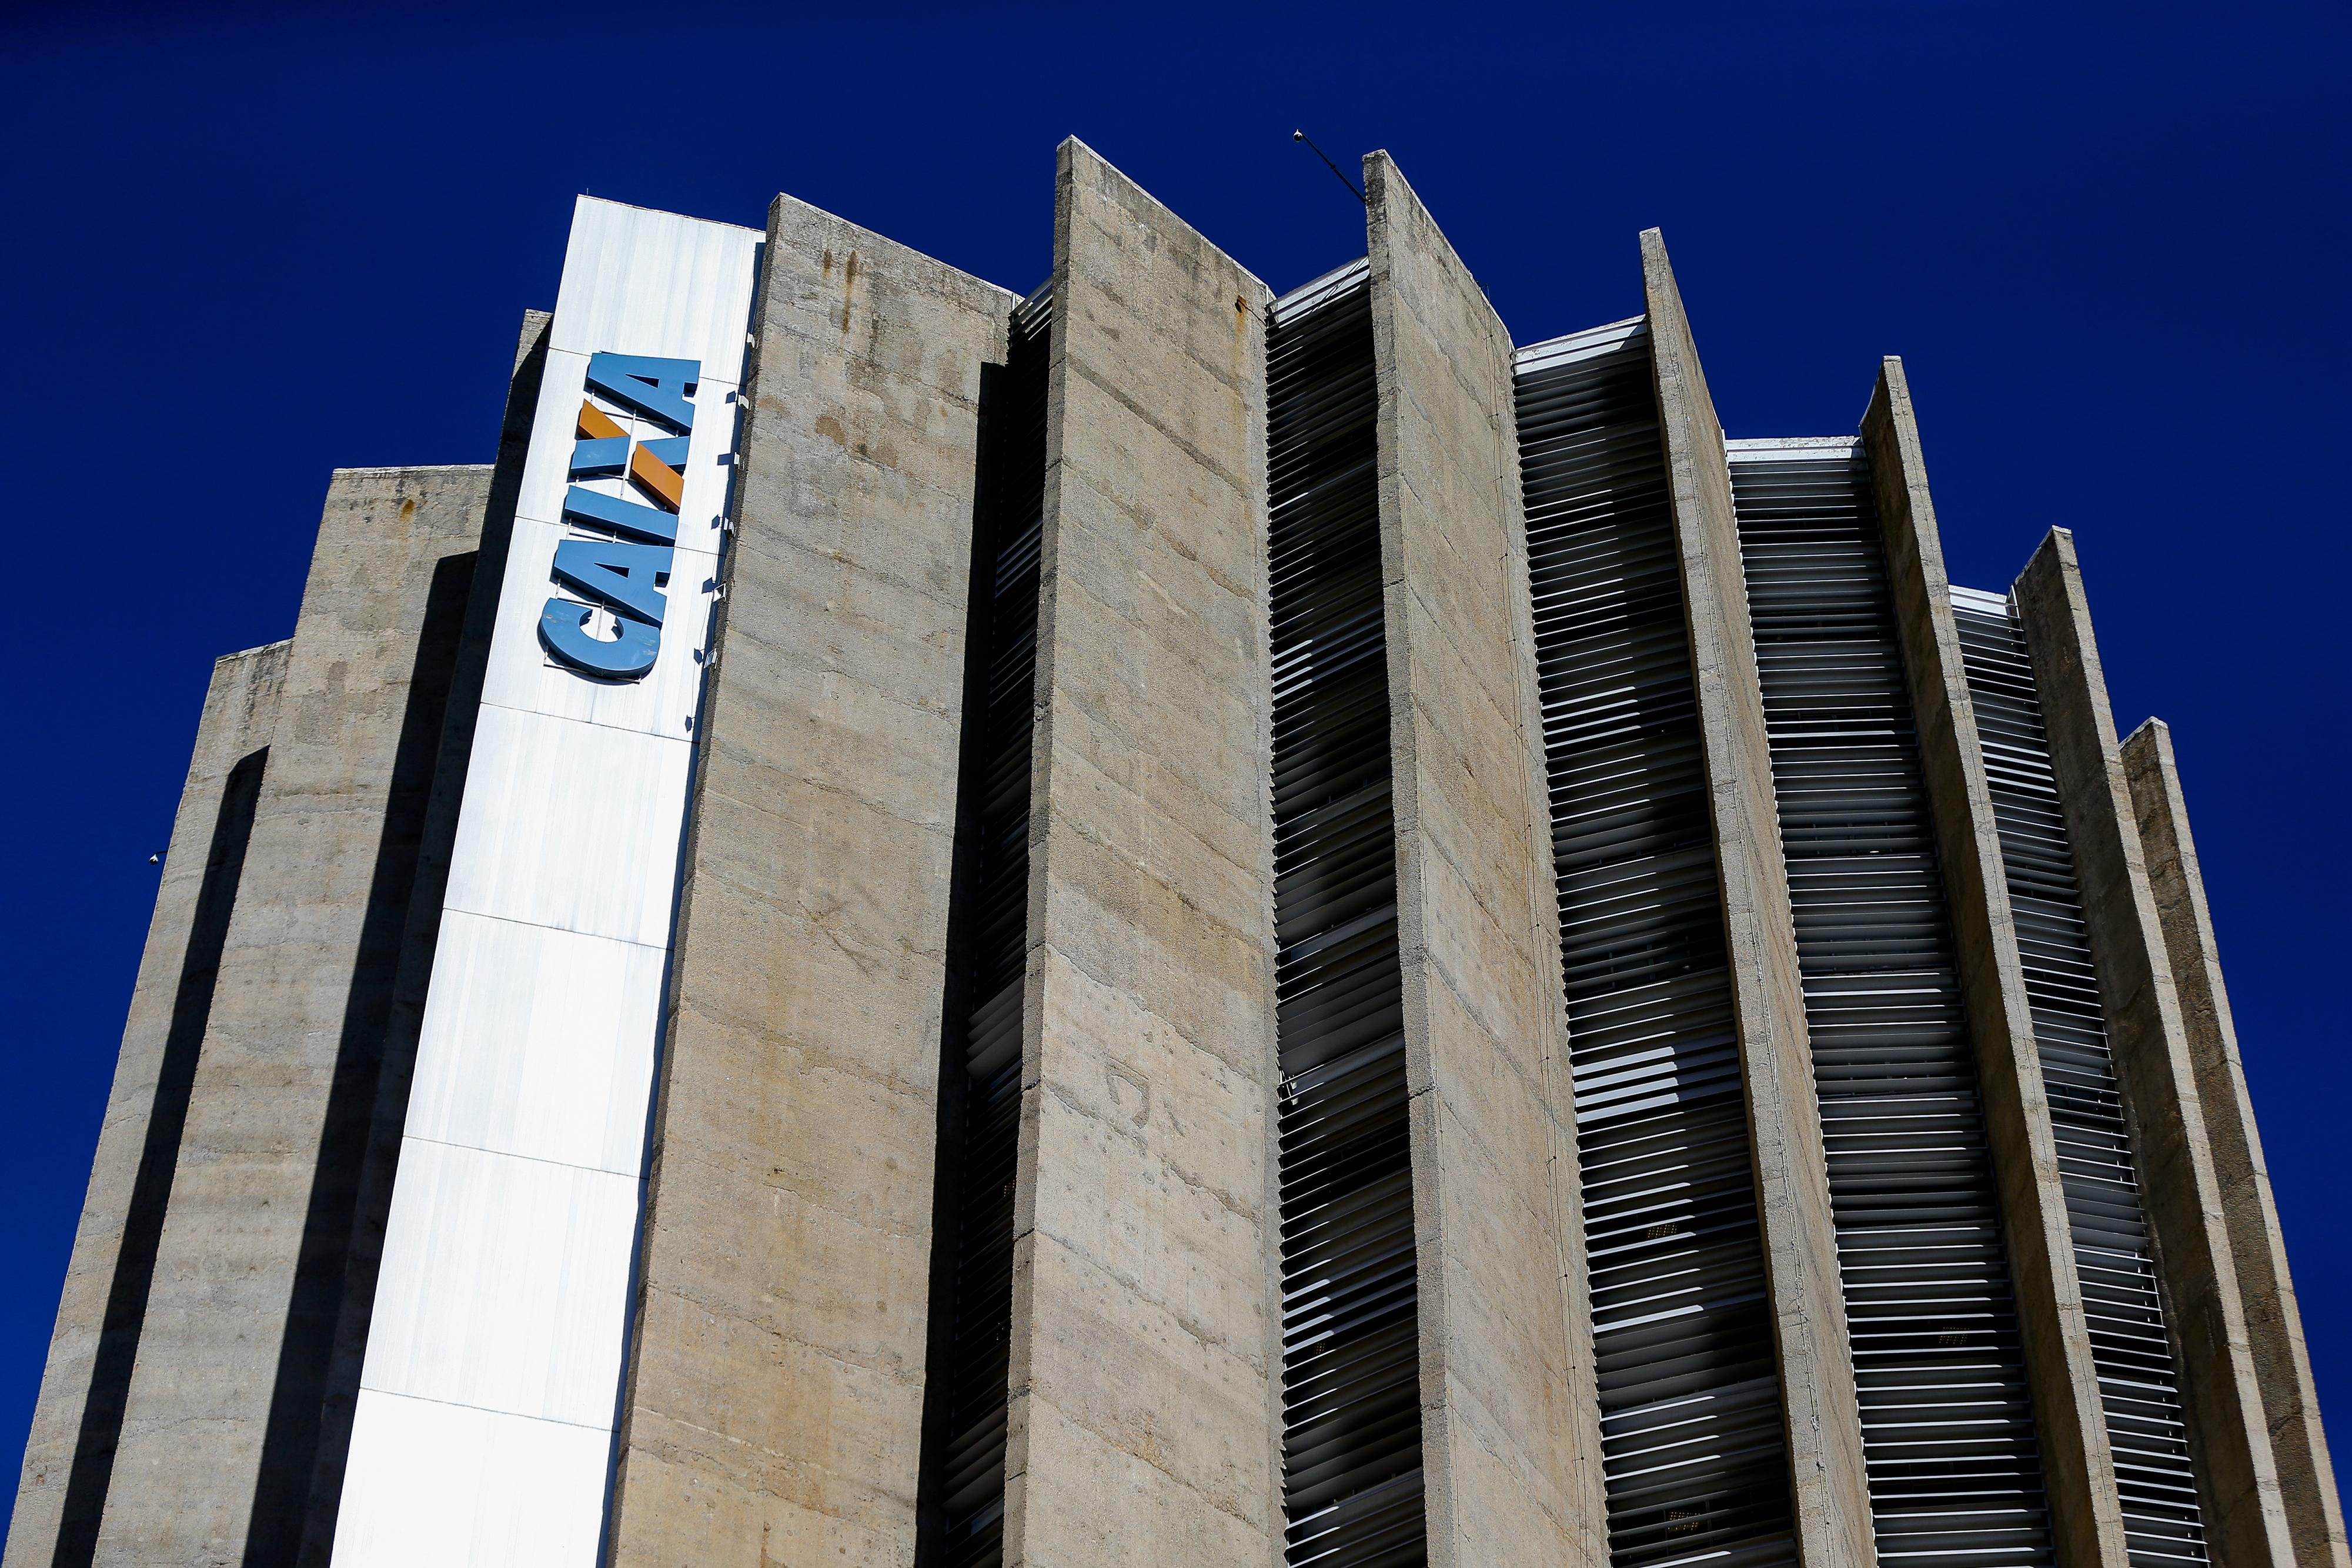 24.03.2021_Edifício Sede da Caixa Econômica Federal   Agência Brasil